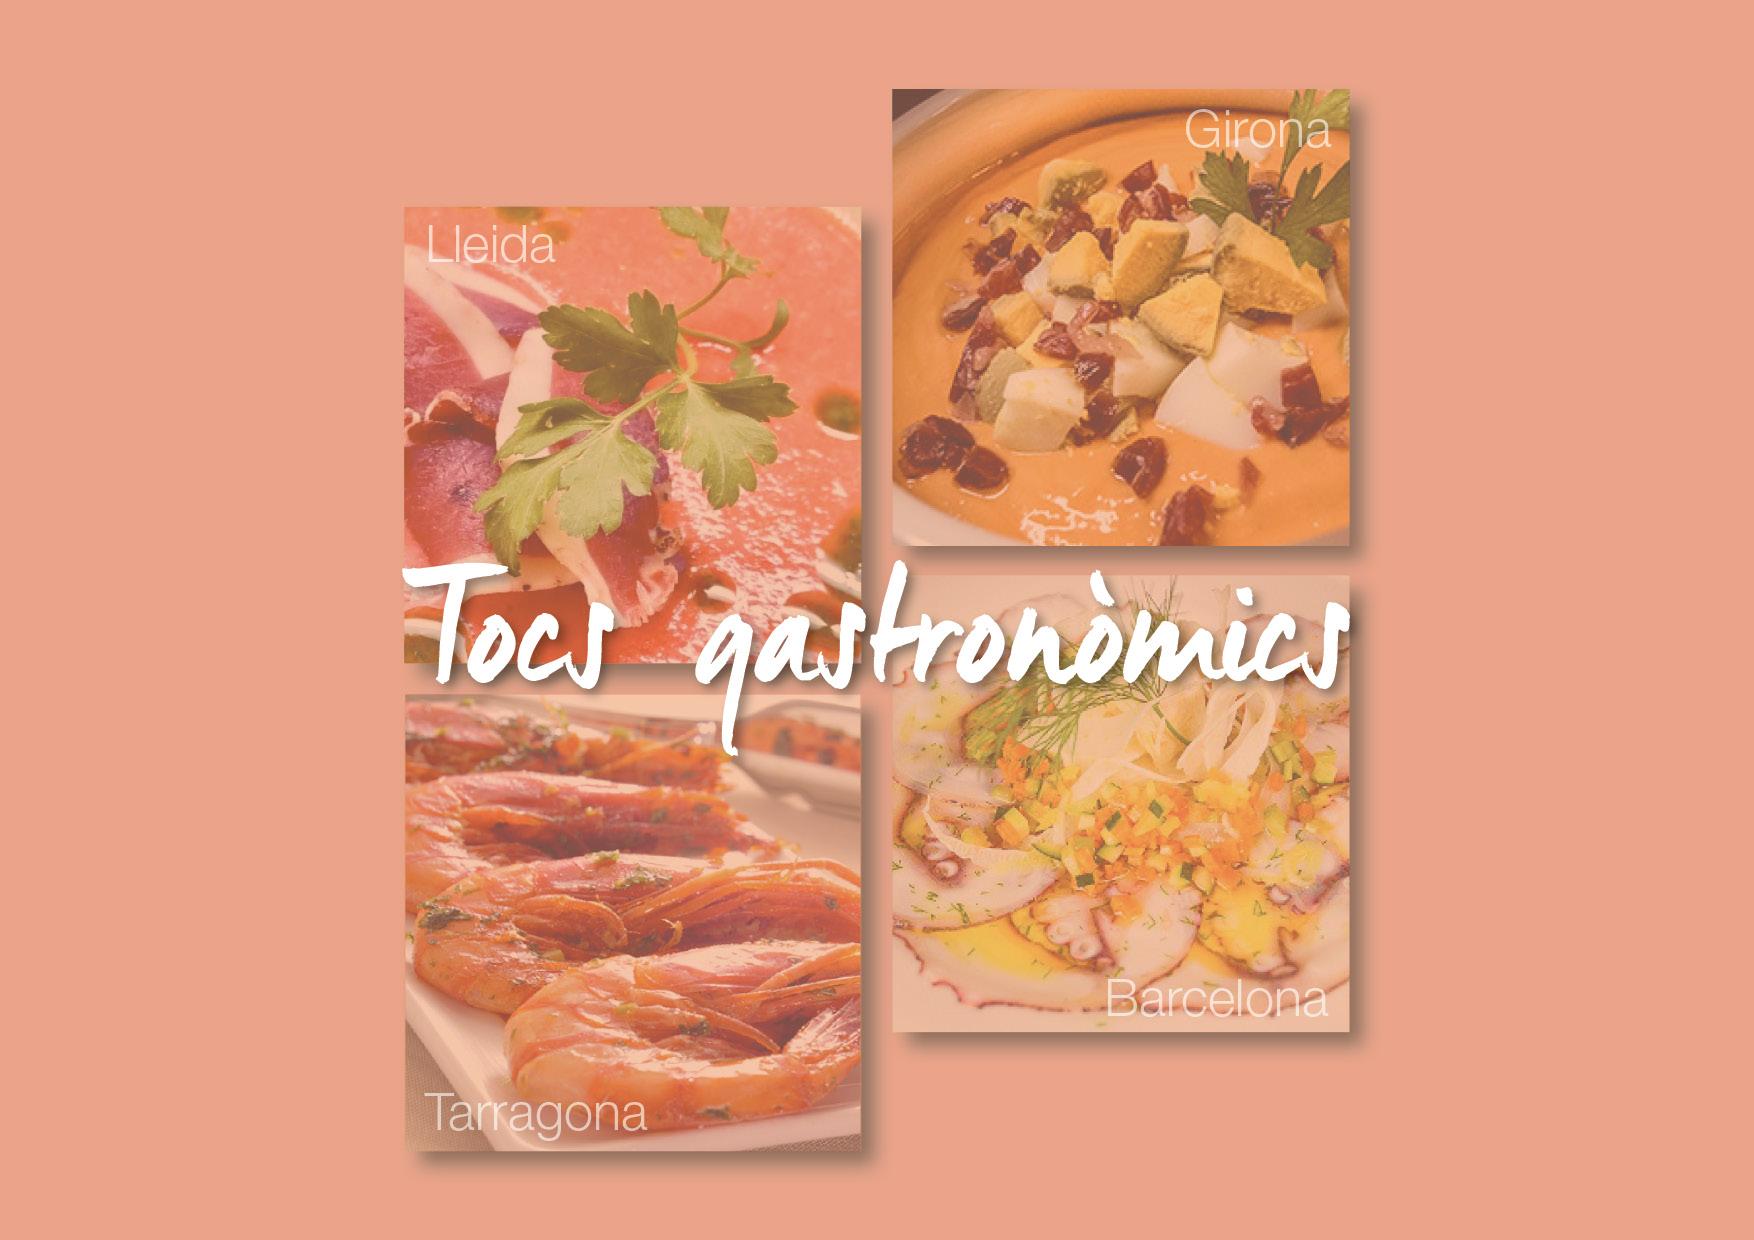 Mosaiking d'estiu – Tocs gastronòmics